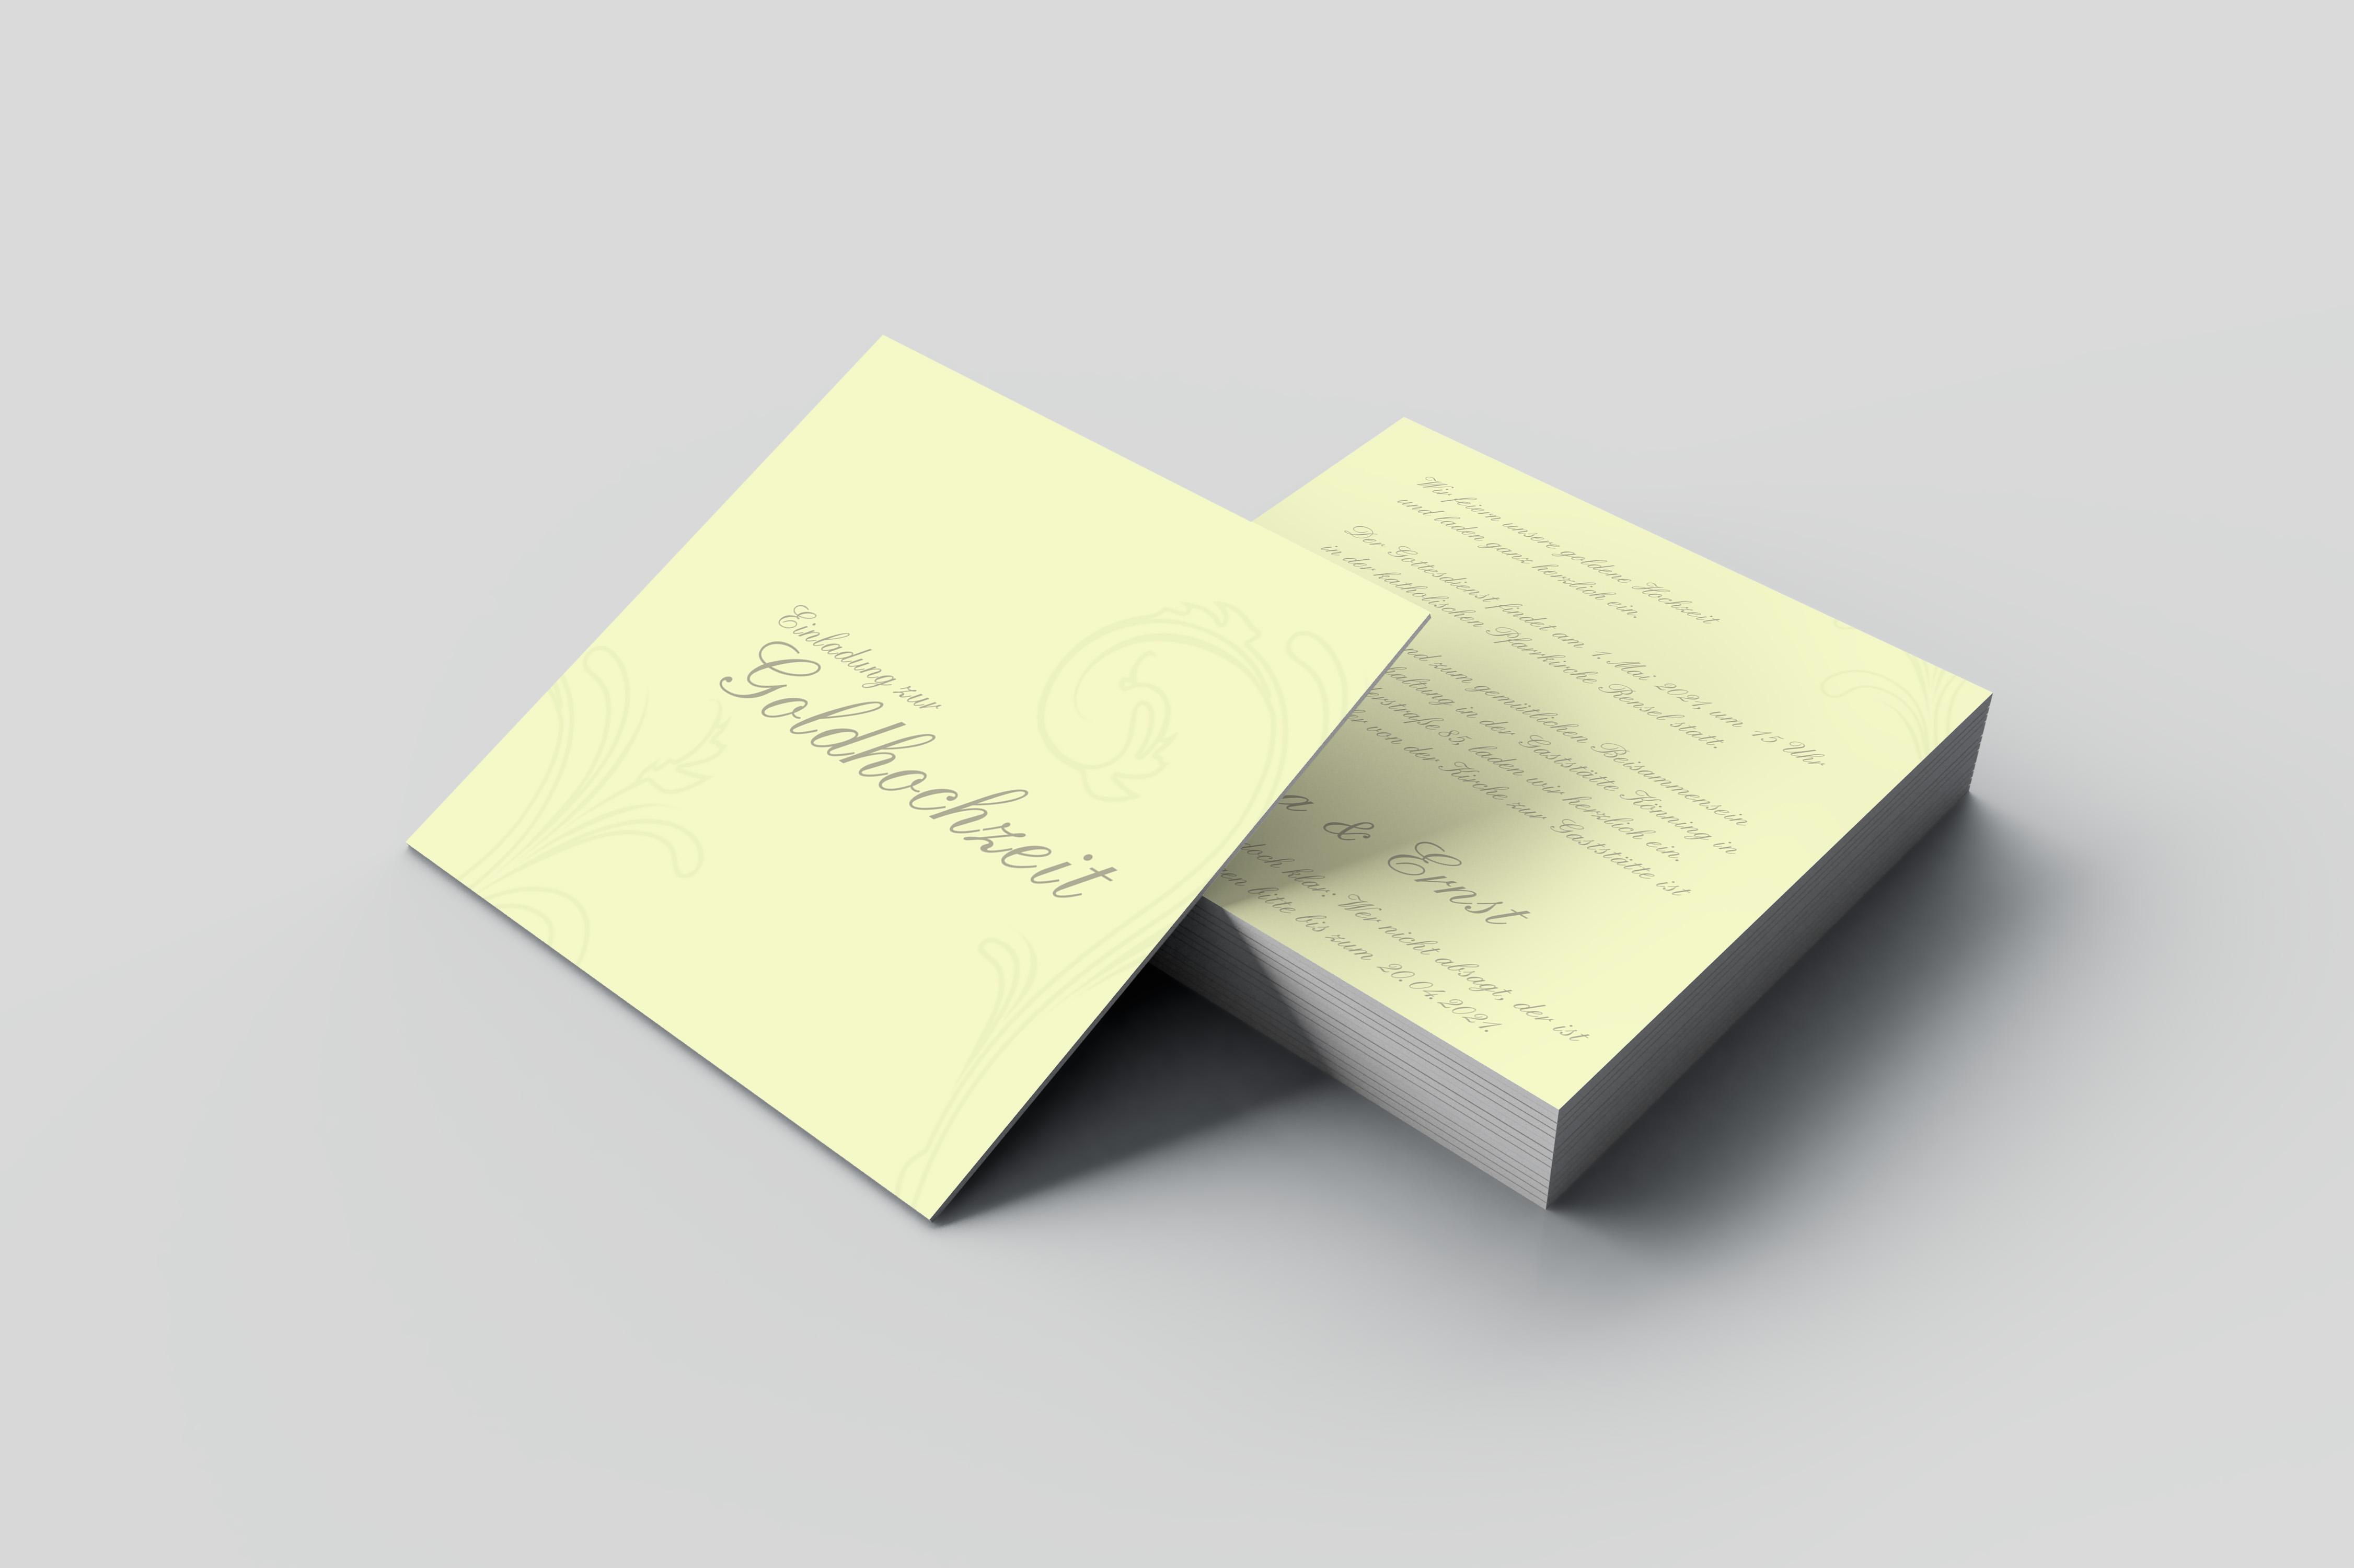 Einladungskarte Goldene Hochzeit Blätter Zeichnung